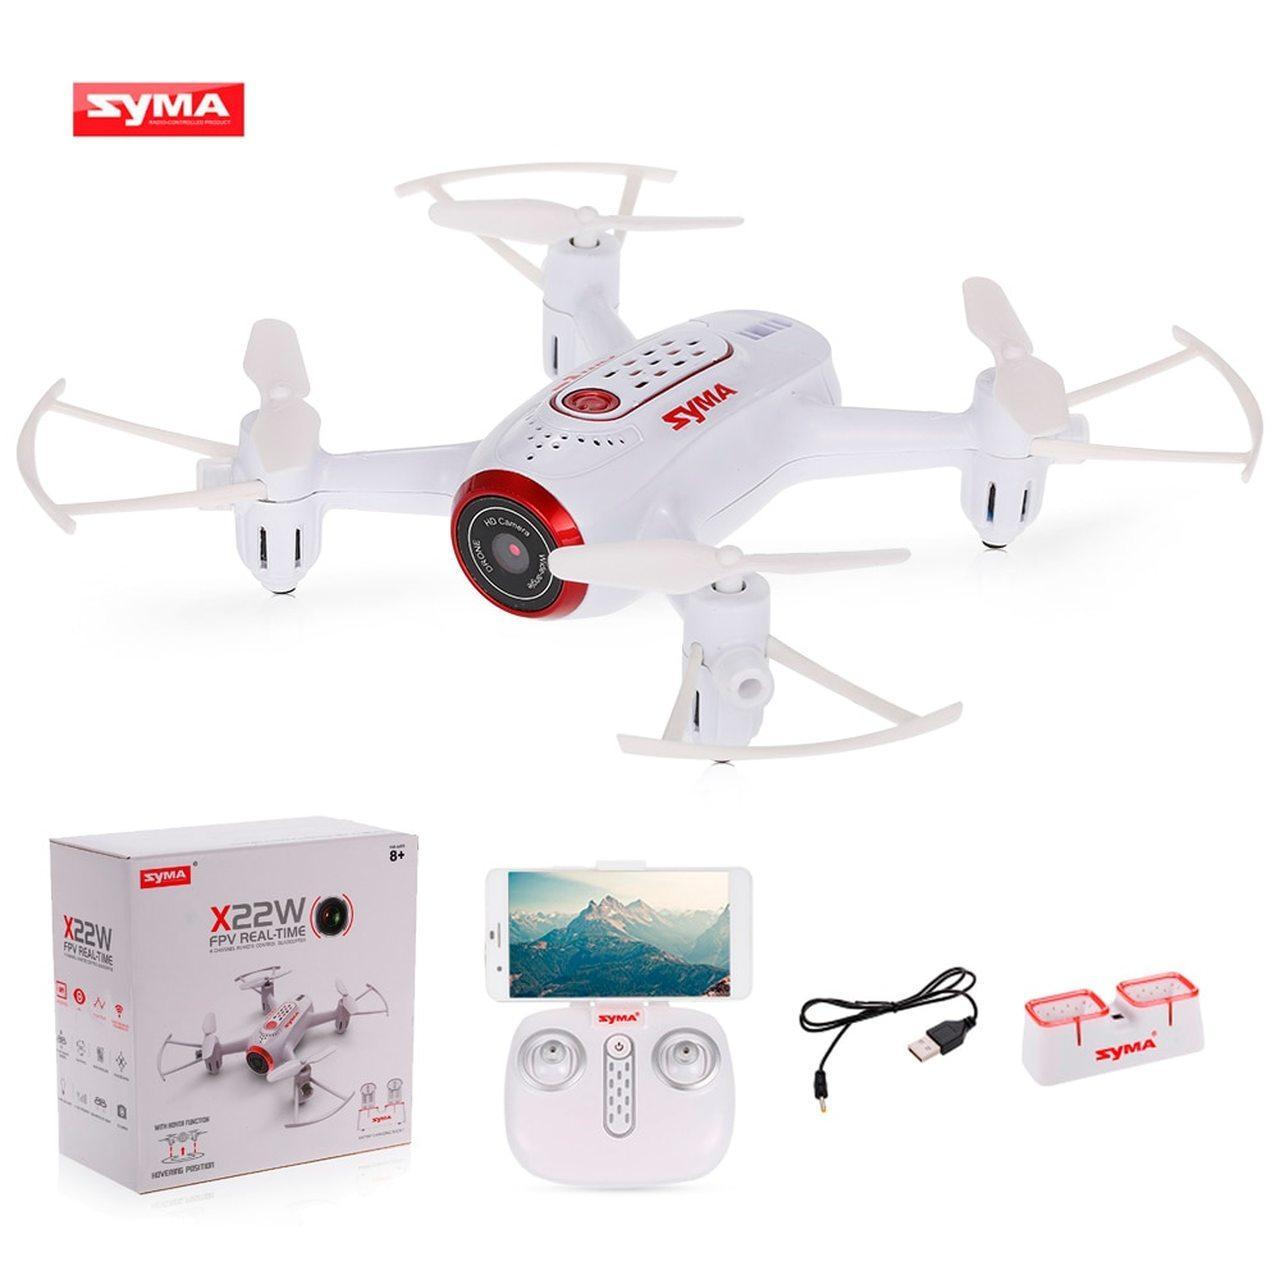 Квадрокоптер белый SYMA X22W WIFI FPV